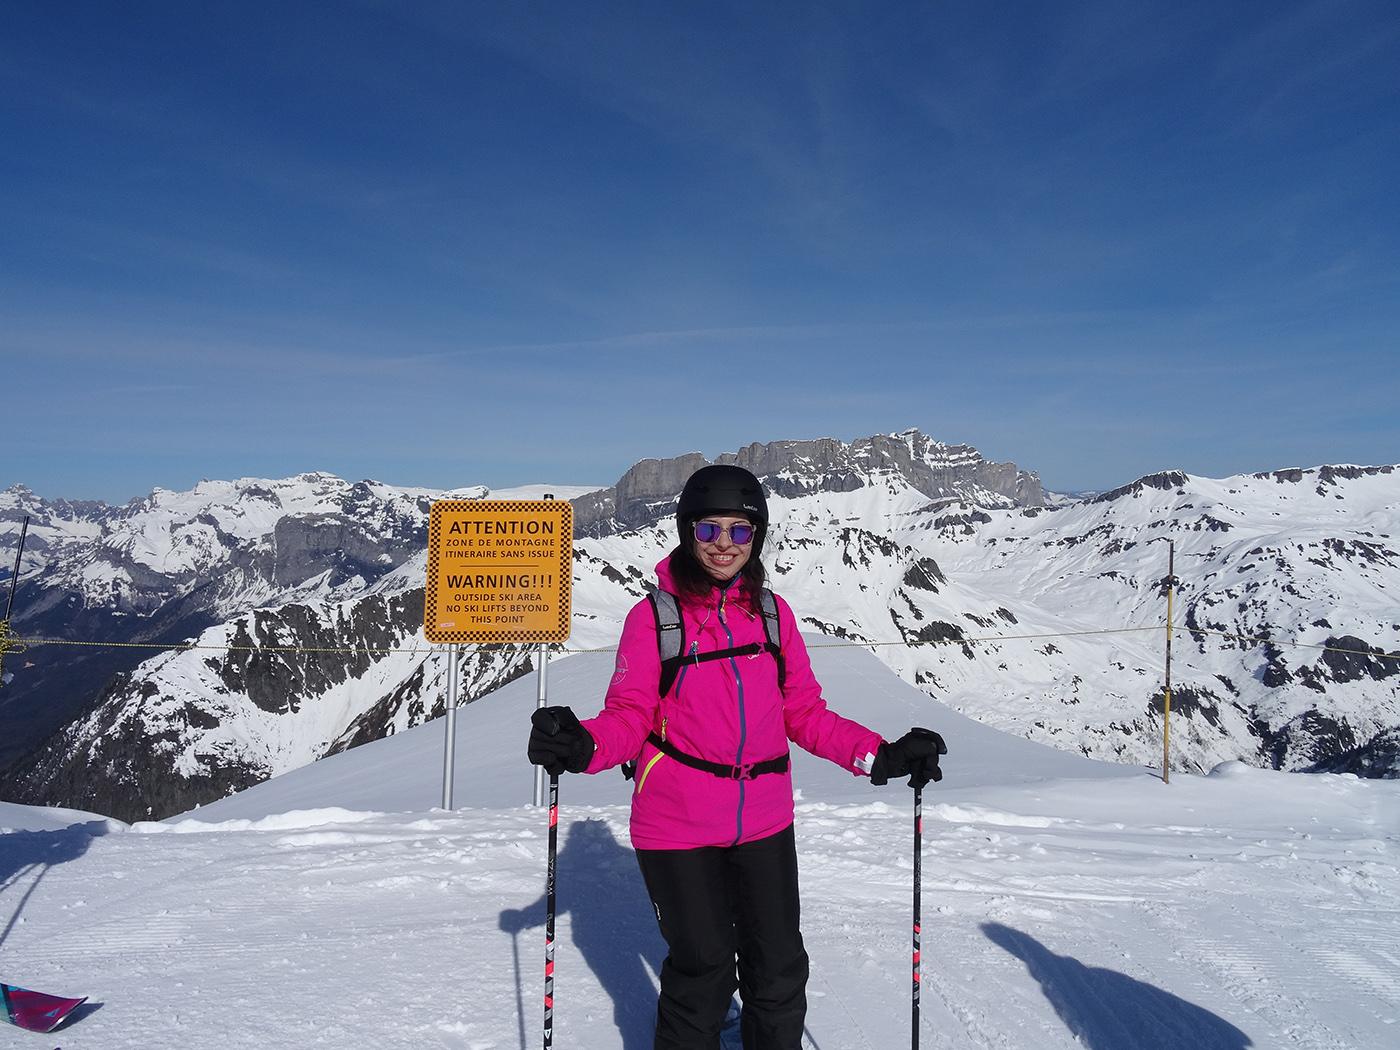 acheter des skis